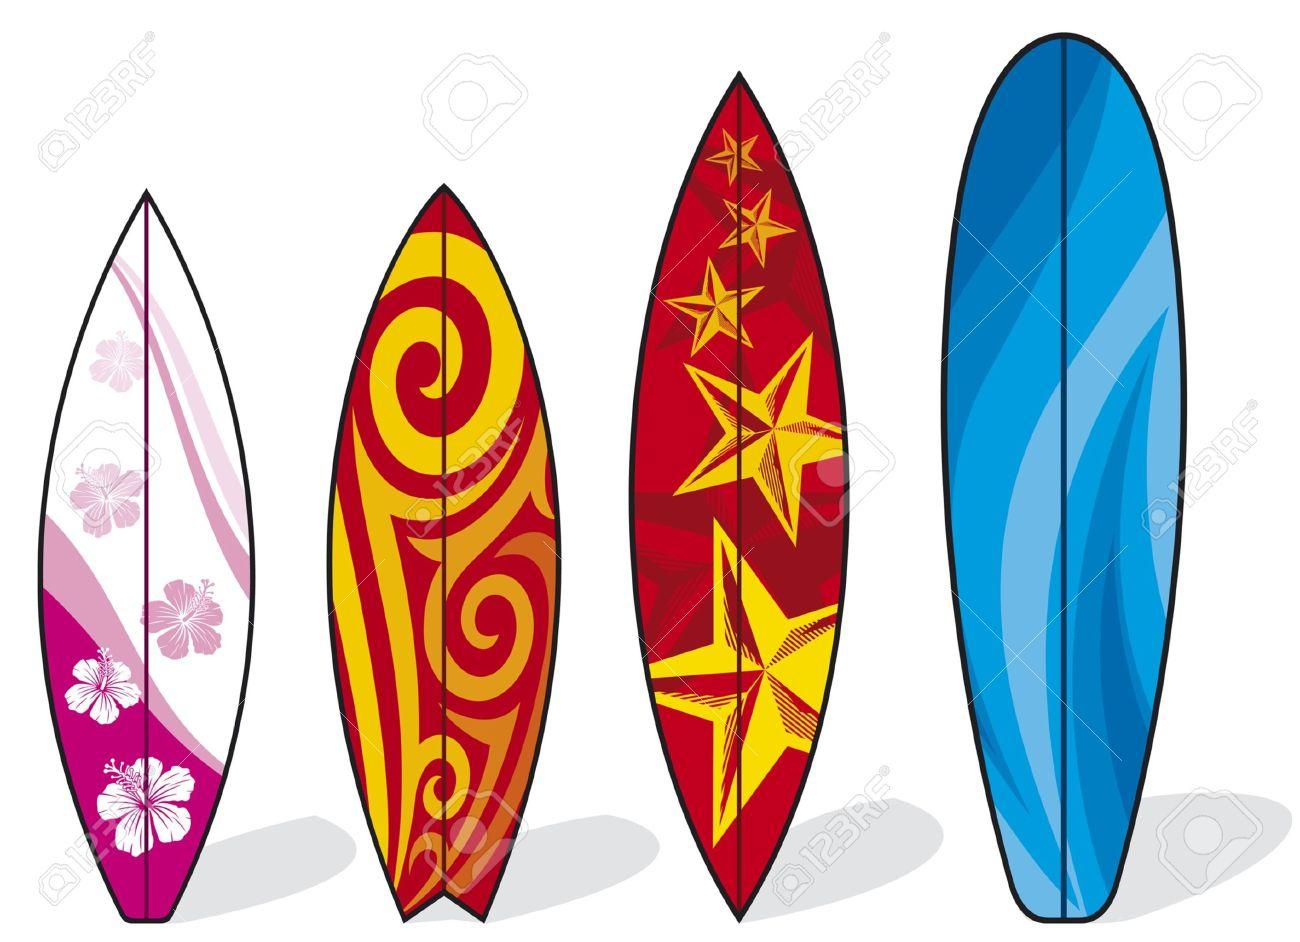 planche de surf ensemble de planches de surf planches de surf collection illustration